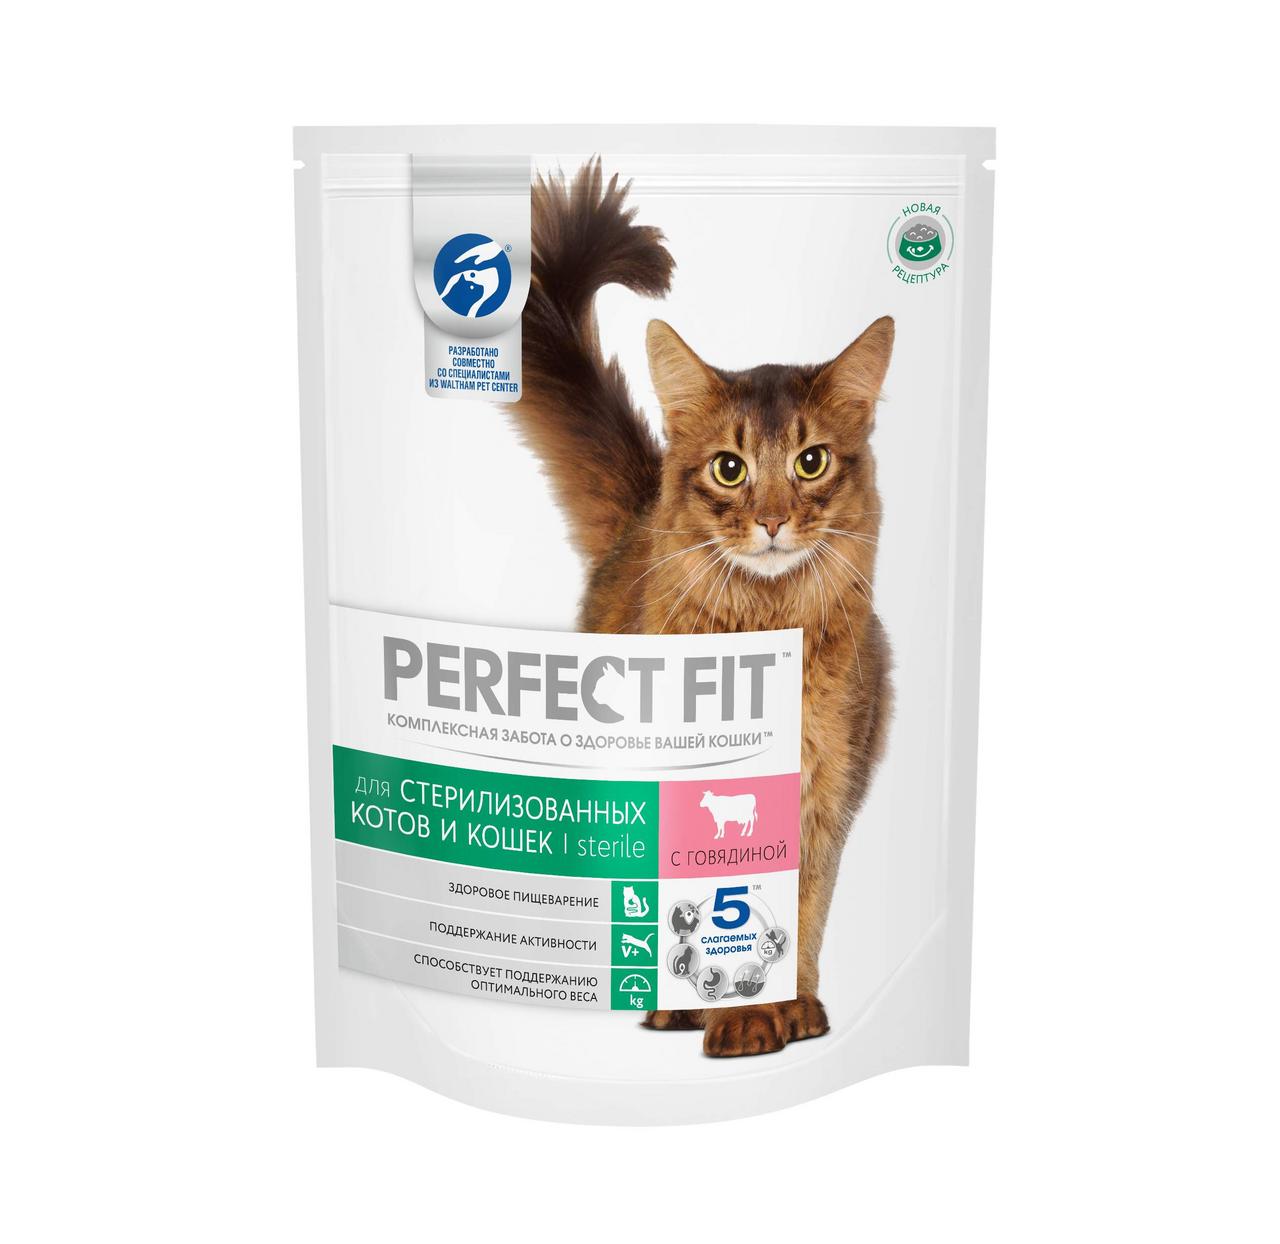 Влажный корм для стерилизованных кошек PERFECT FIT Sterile с говядиной в соусе 85 грамм